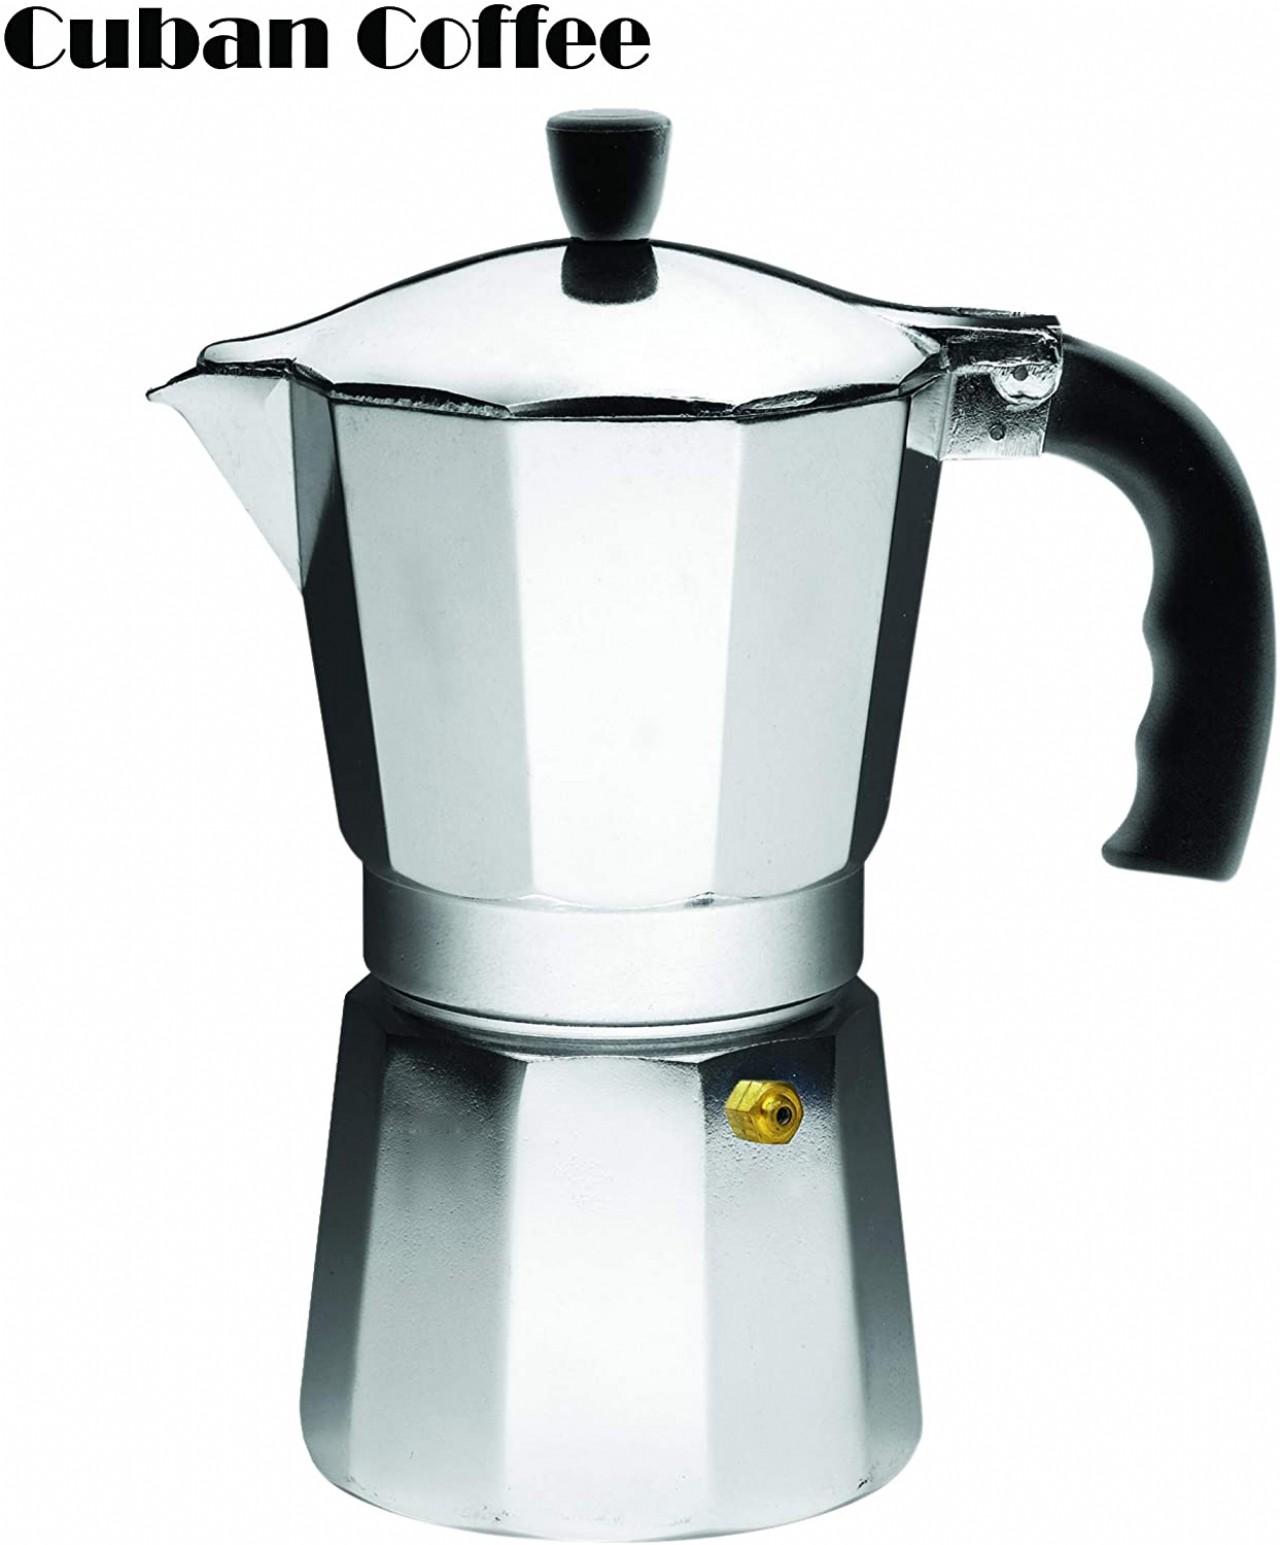 IMUSA USA Aluminum Stovetop 6-cup Espresso Maker